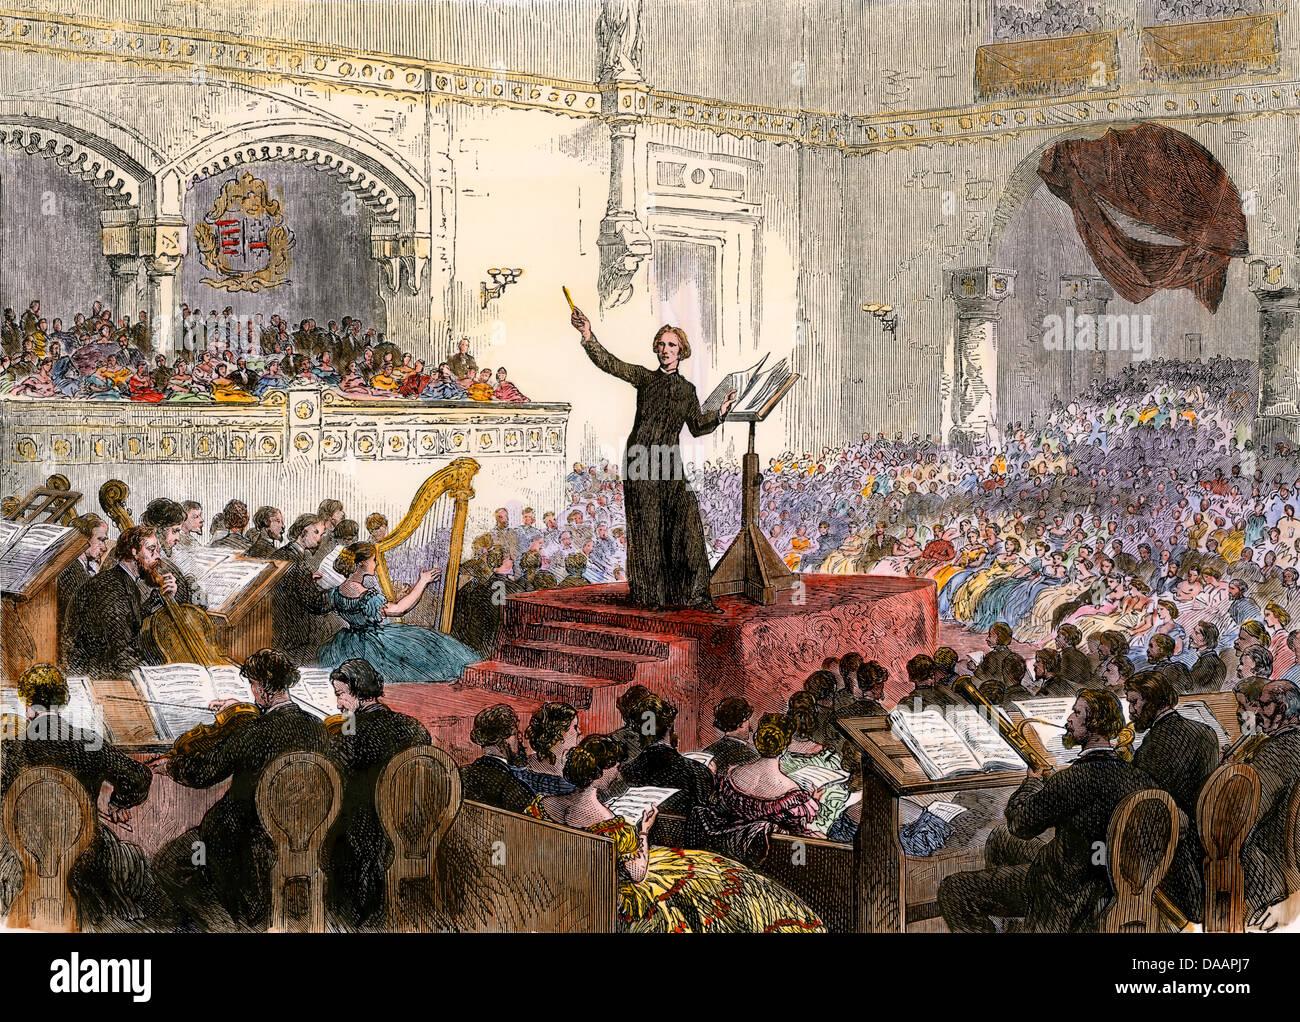 Franzi Liszt conduzir o seu novo Oratório em Budapeste, Hungria, 1860. Imagens de Stock